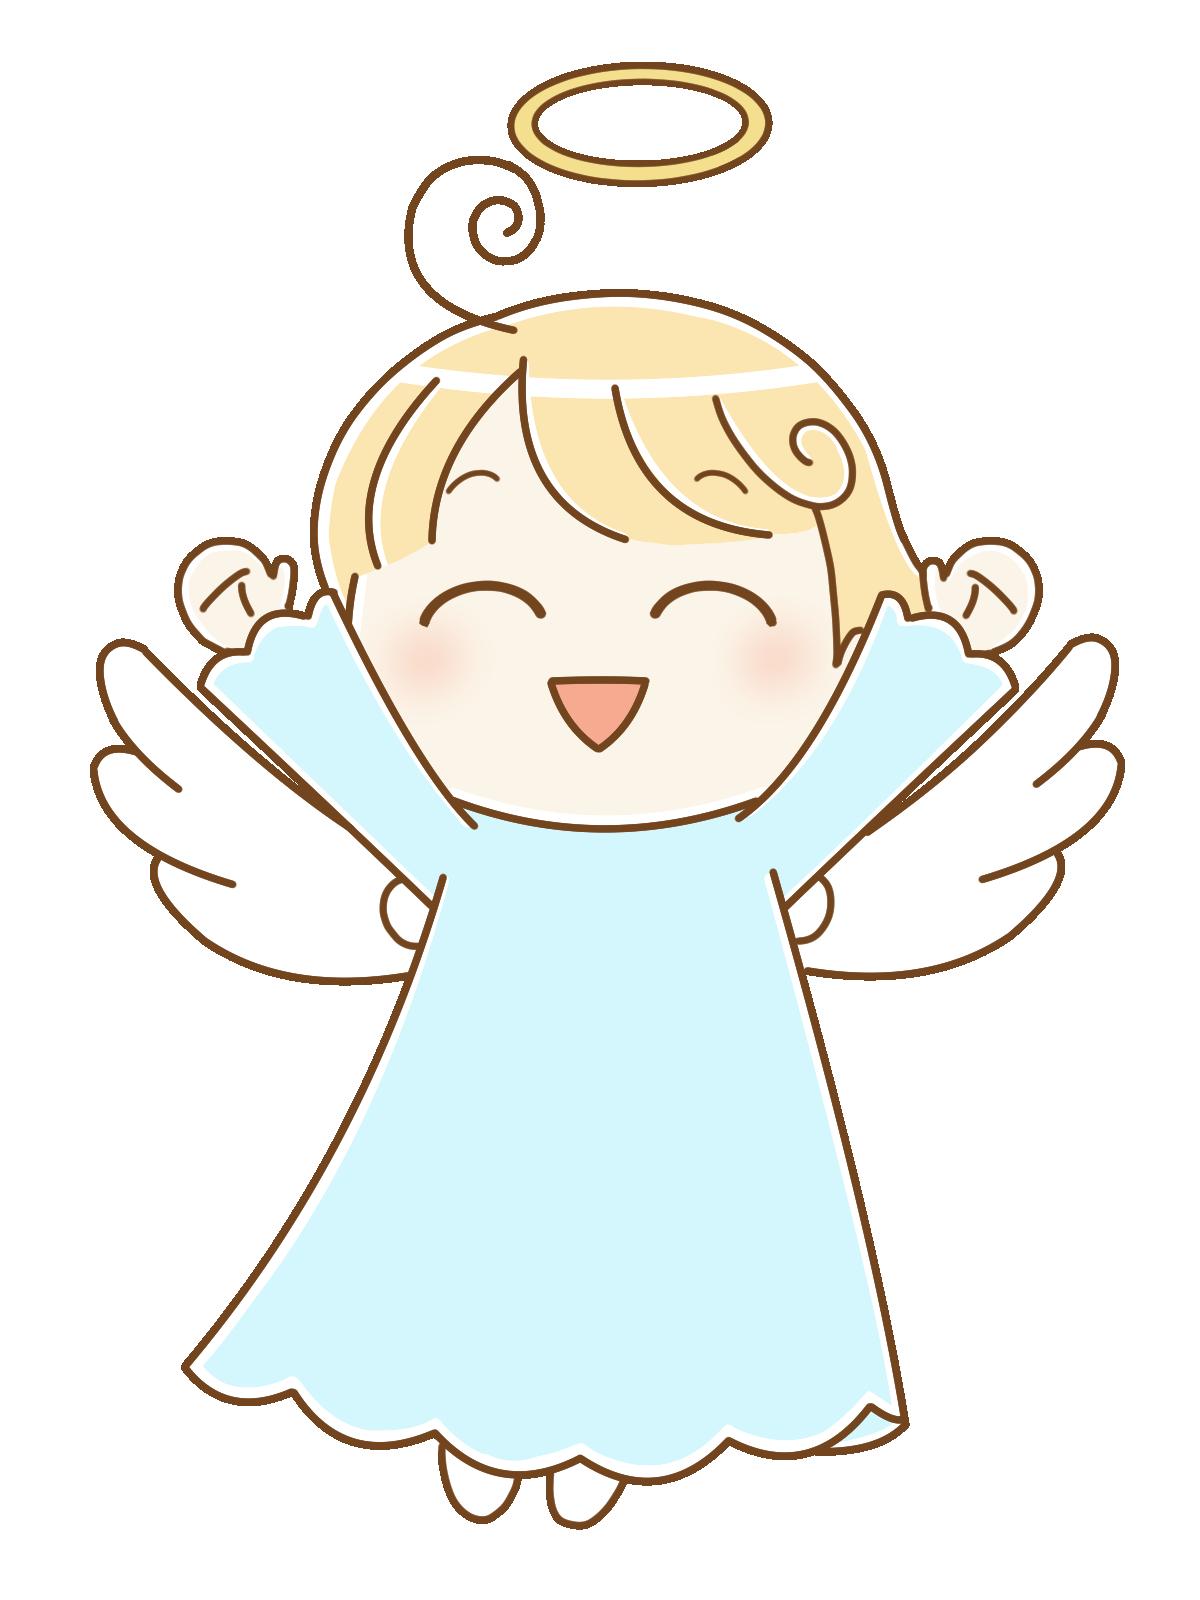 天使 下井ホルモン